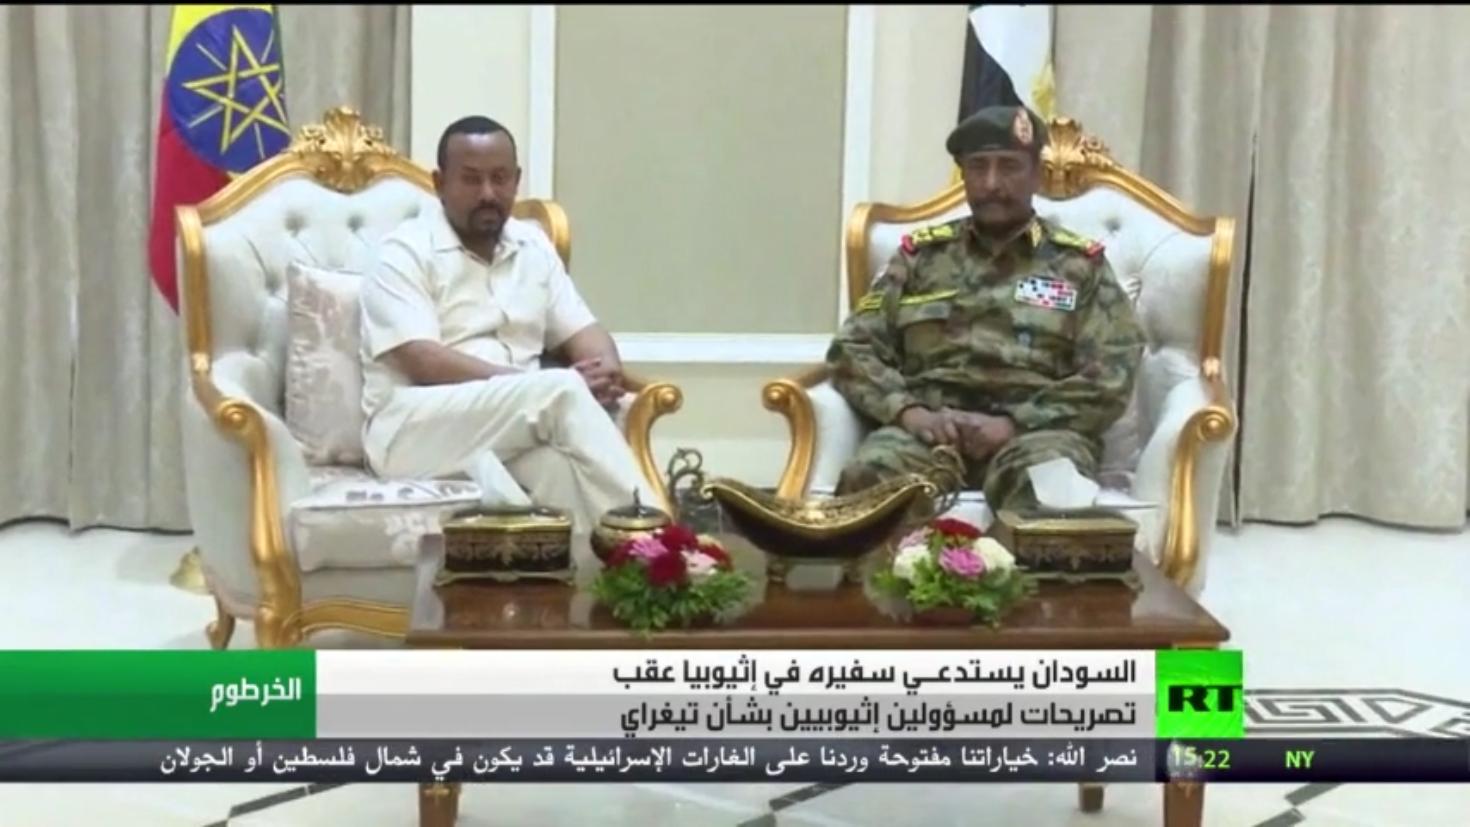 السودان يستدعي سفيره في إثيوبيا للتشاور